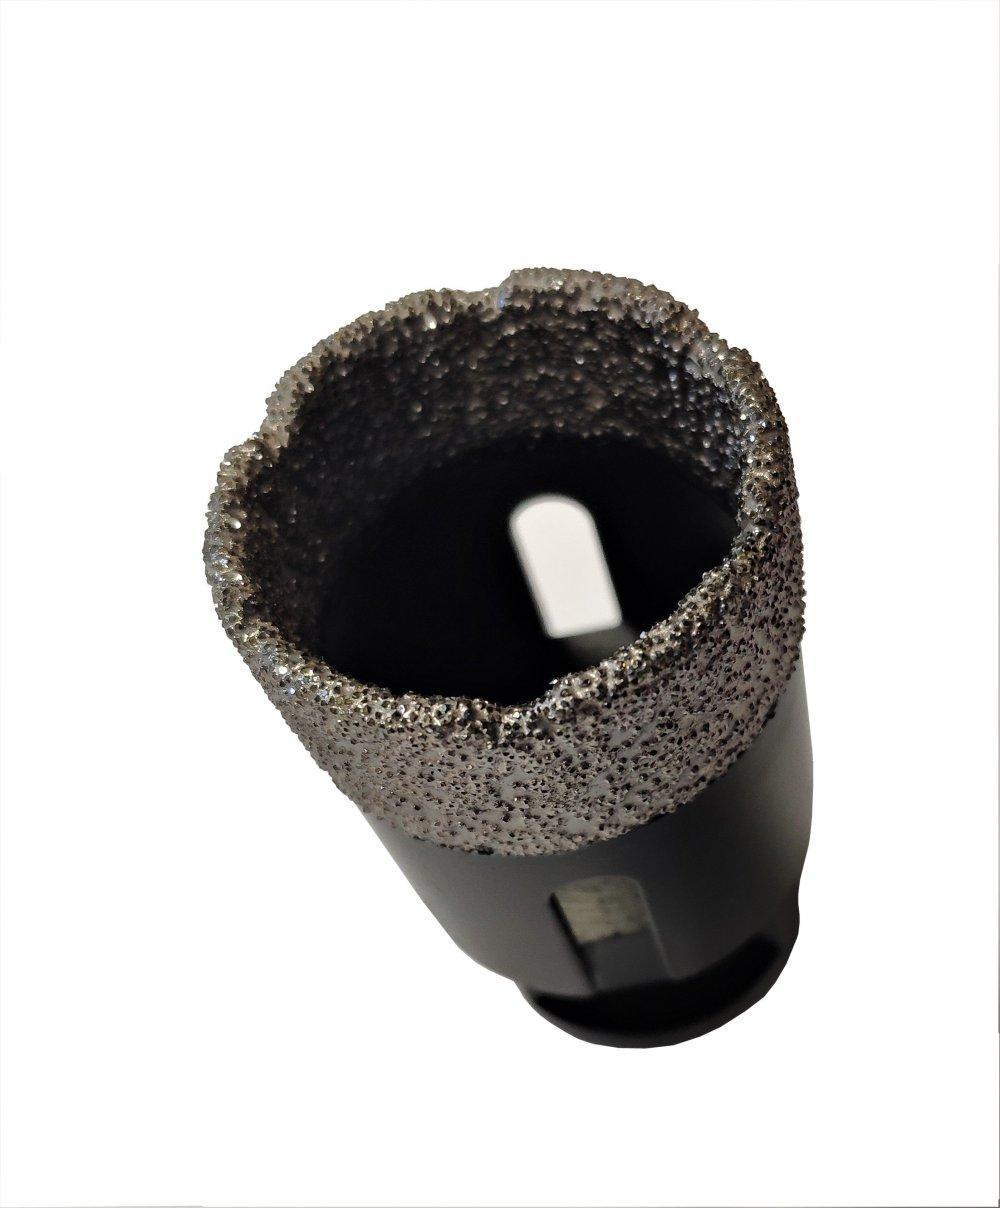 35mm Diamantbohrkrone, Glasbohrer, Fliesenbohrer, Hohllochbohrer